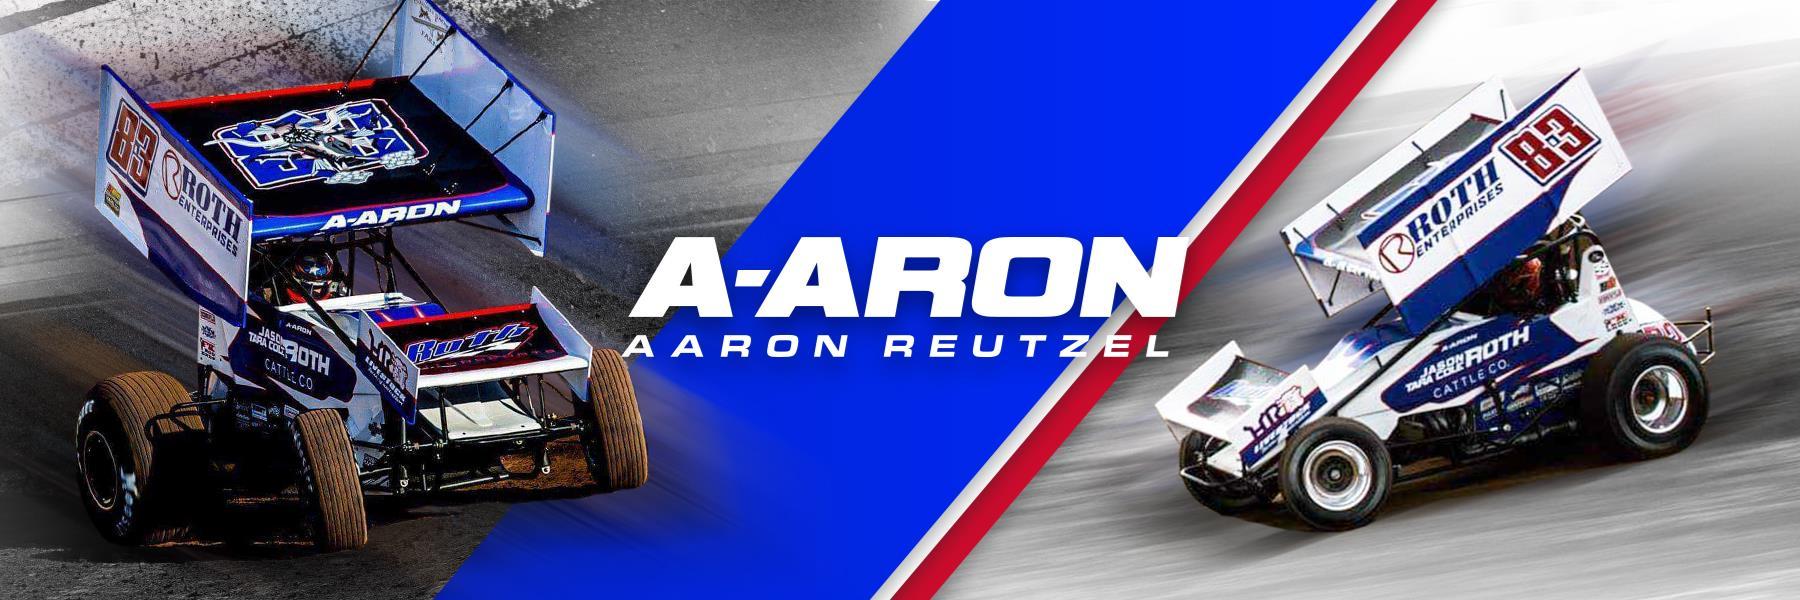 Aaron Reutzel